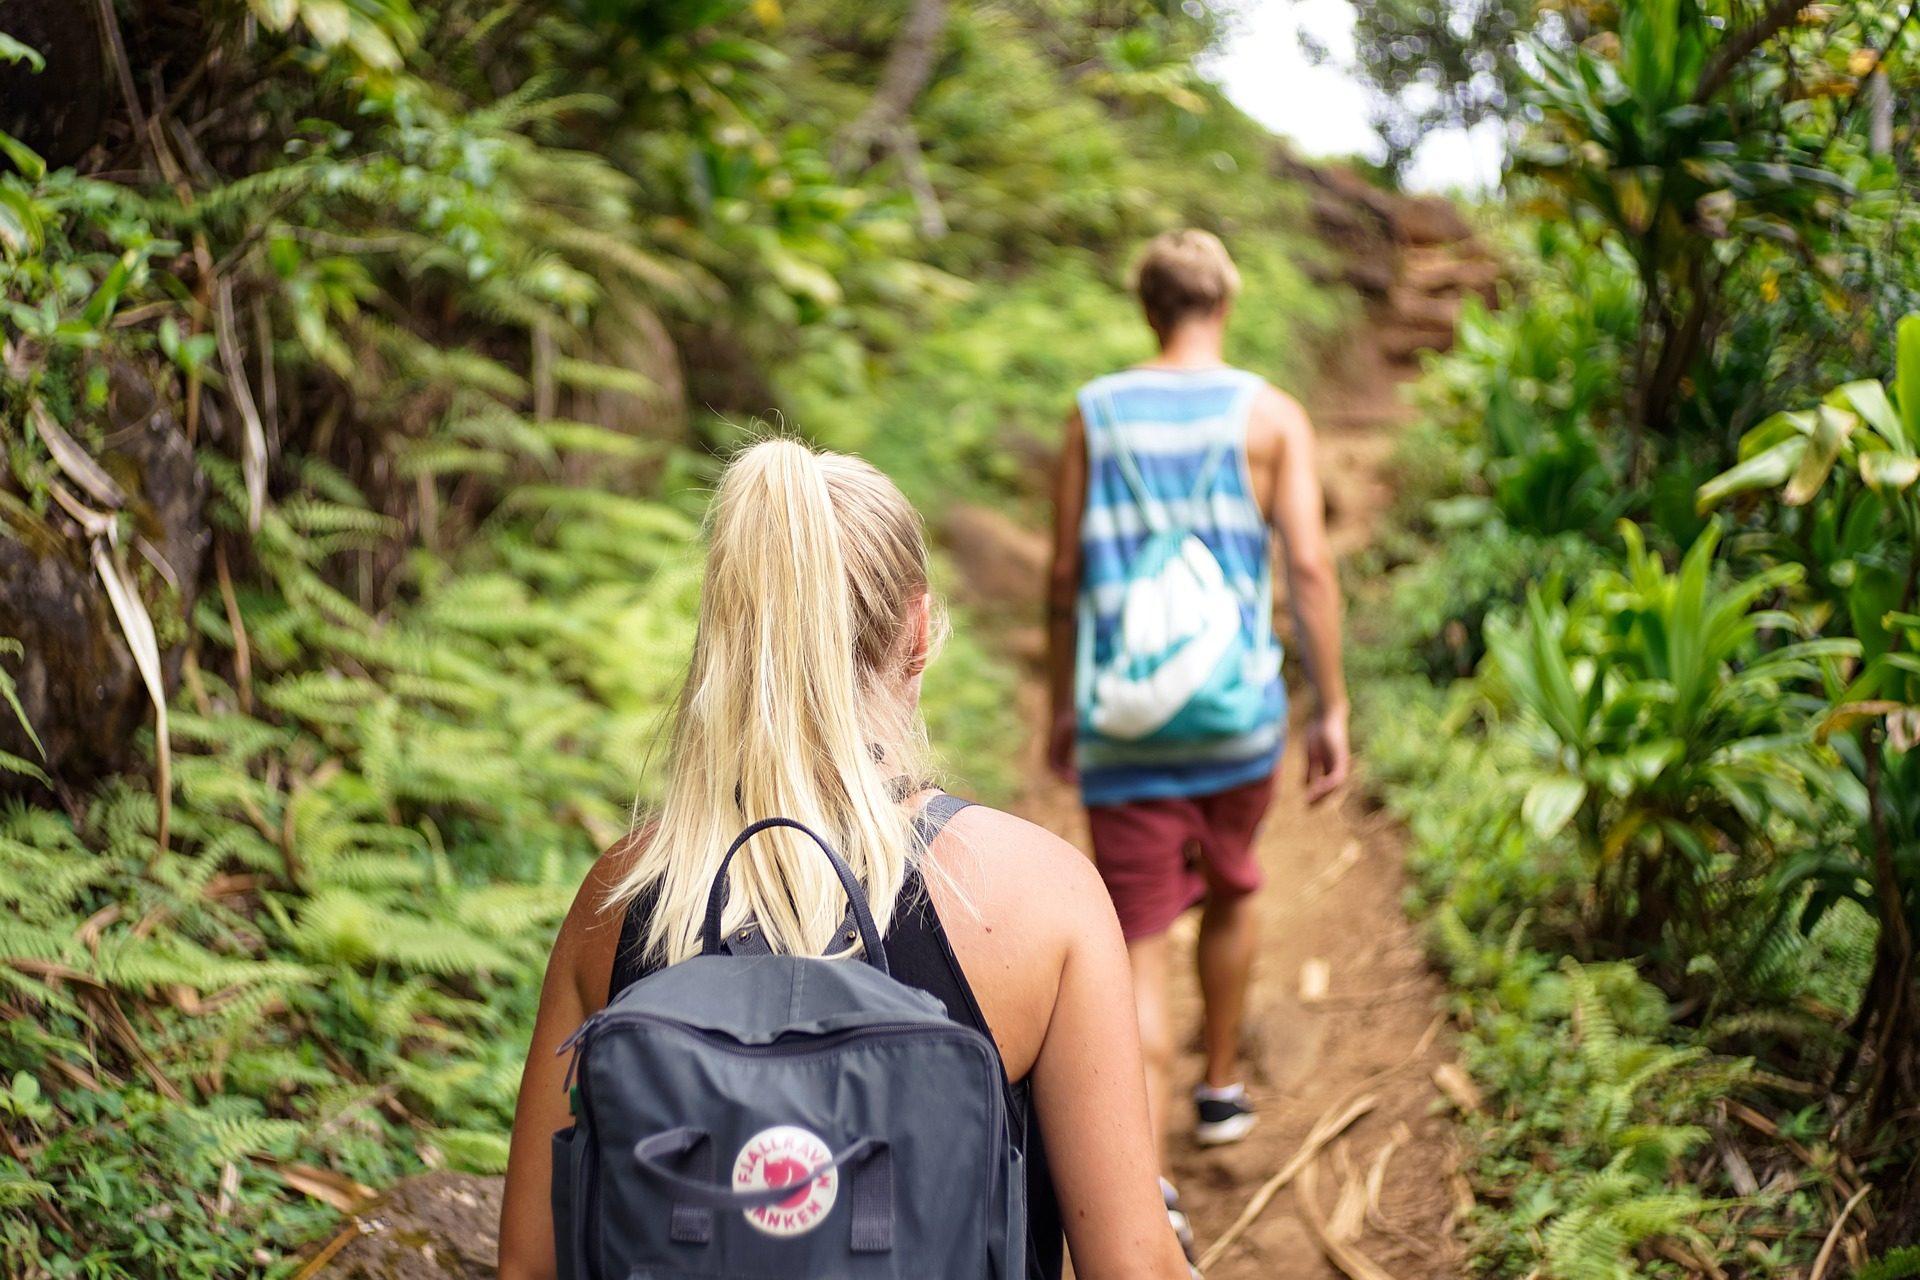 वॉकर, सड़क, मार्ग, वनस्पति, आदमी, महिला, Backpacks - HD वॉलपेपर - प्रोफेसर-falken.com